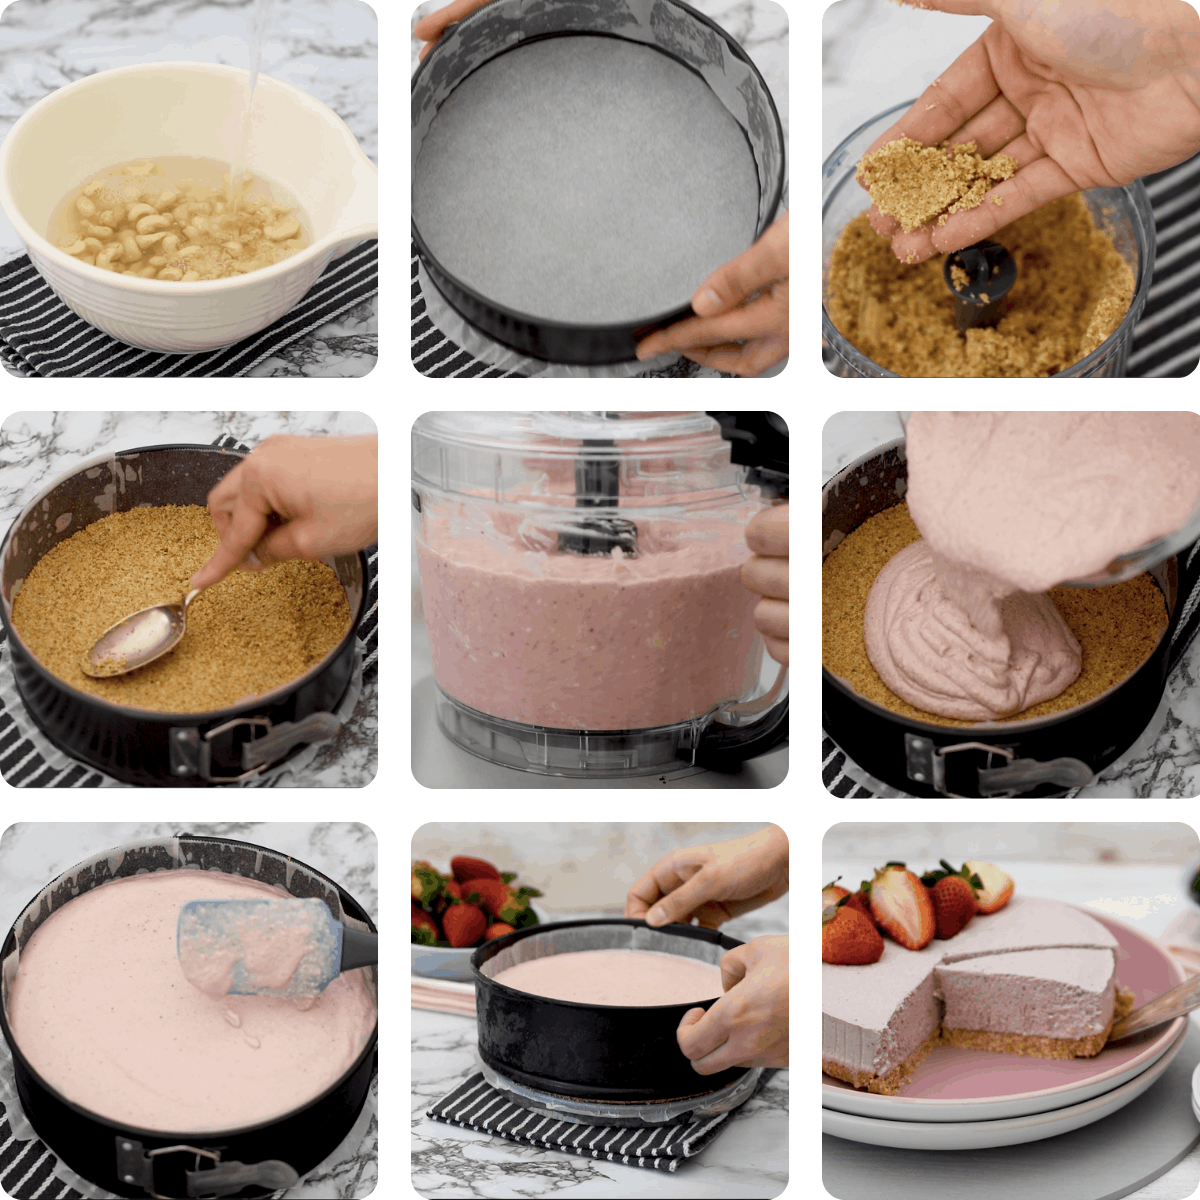 Receta paso a paso para preparar tarta de queso vegano sin horno